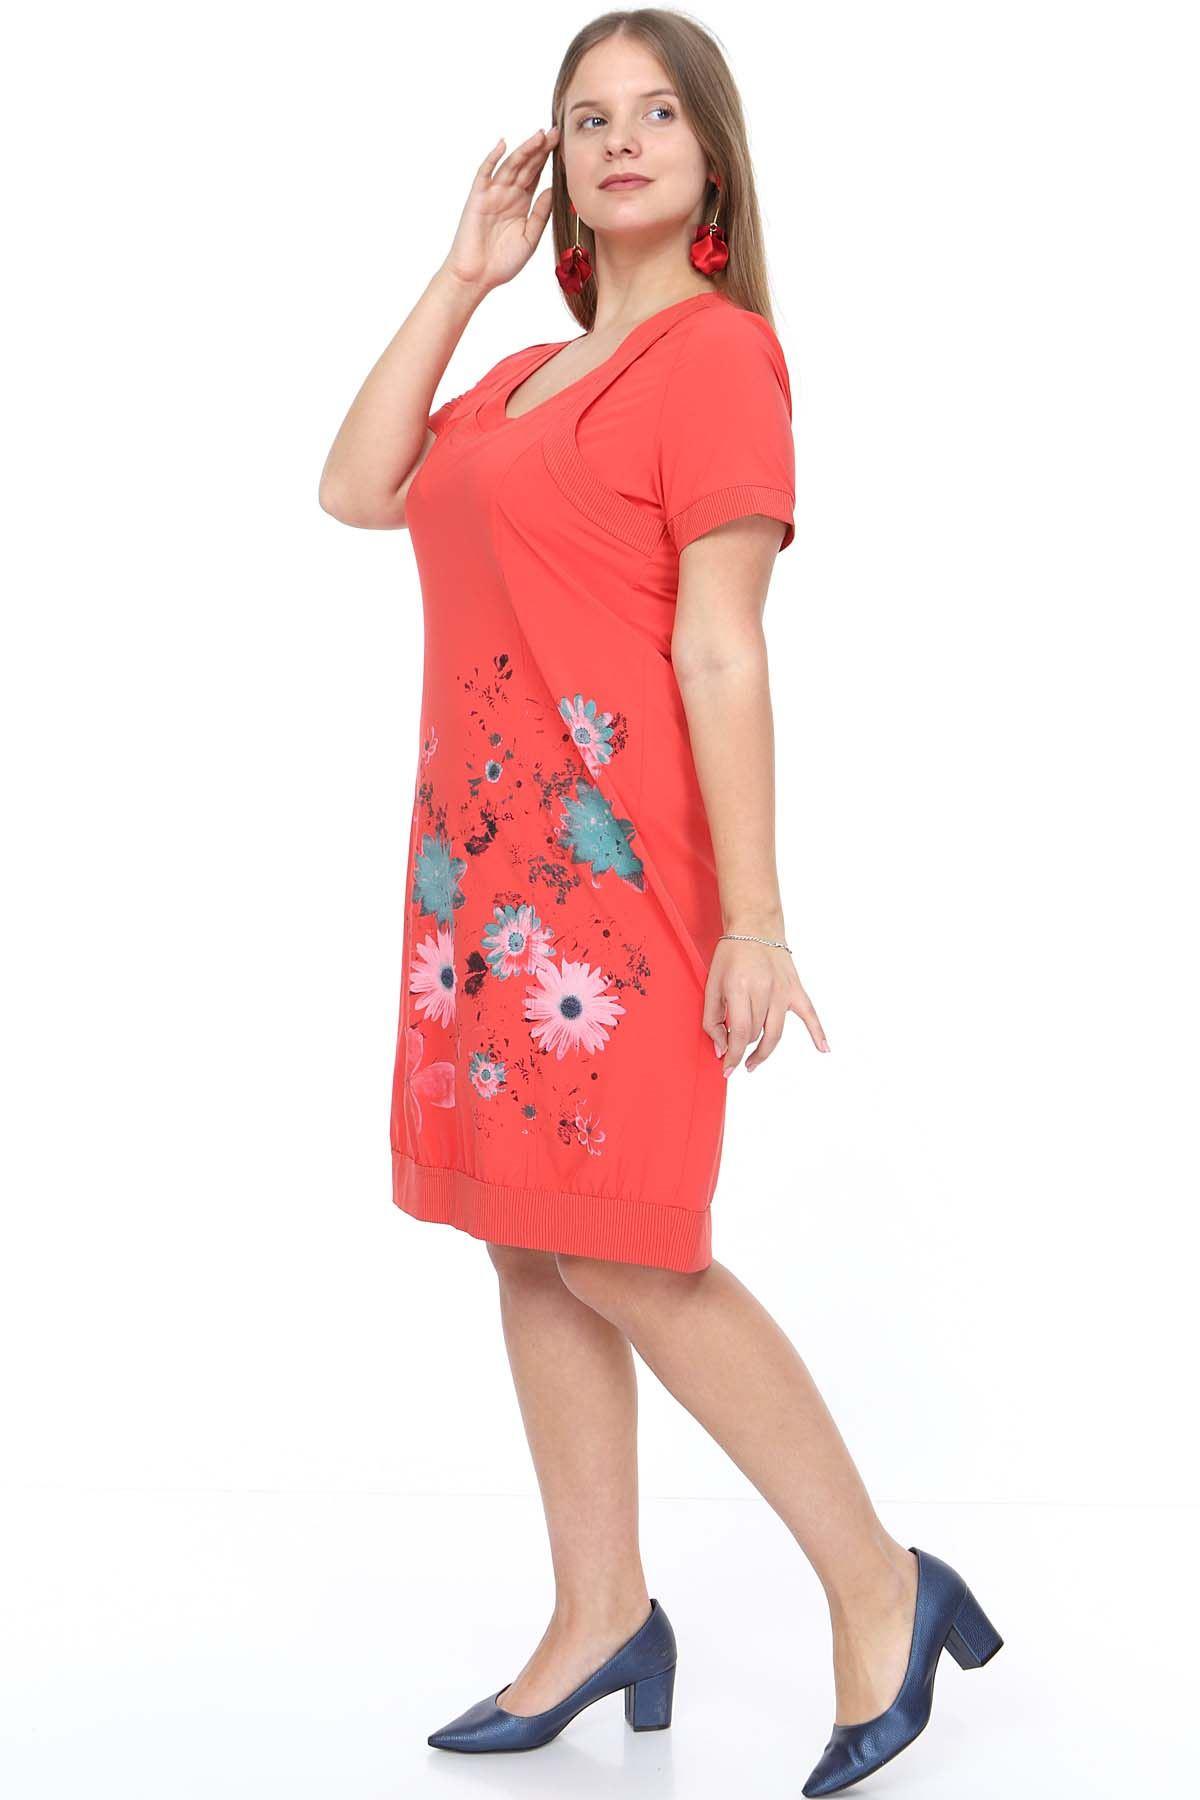 Yazlık Baskılı Mercan Elbise 20Y-0918